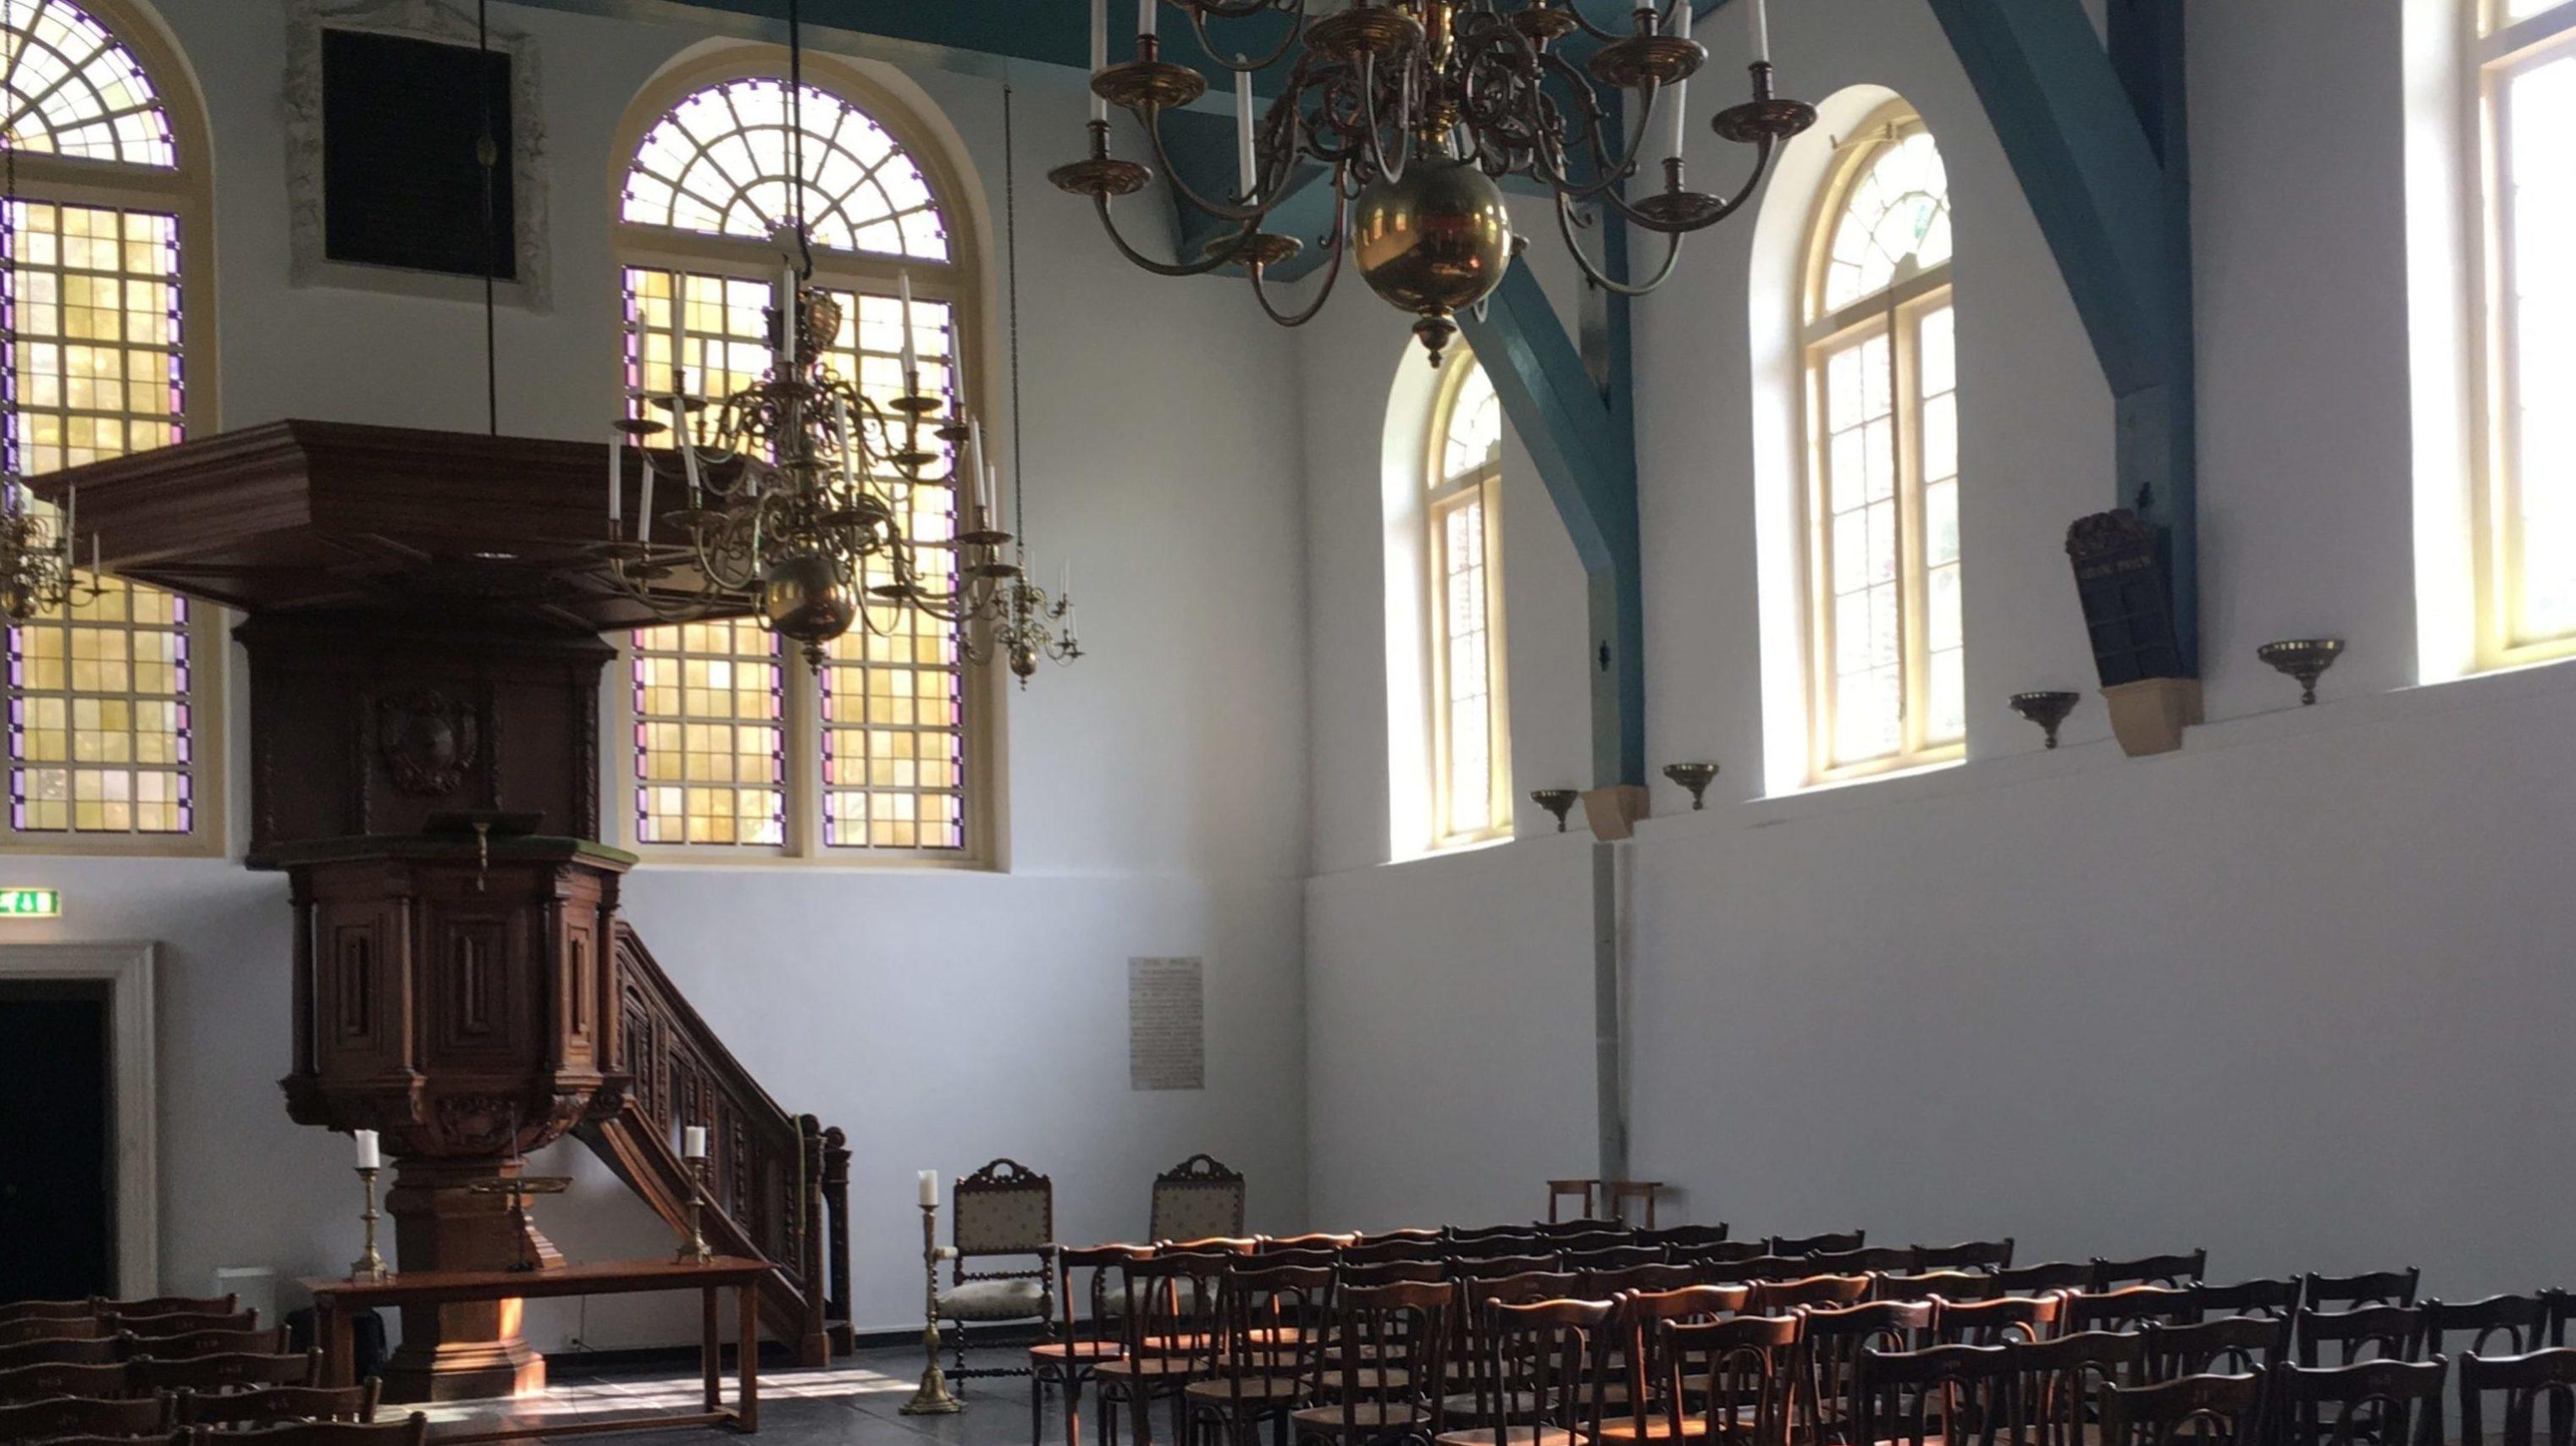 Interieur Petrus kerk met verhoogde houten preekstoel, rijen houten stoelen en kroonluchters.